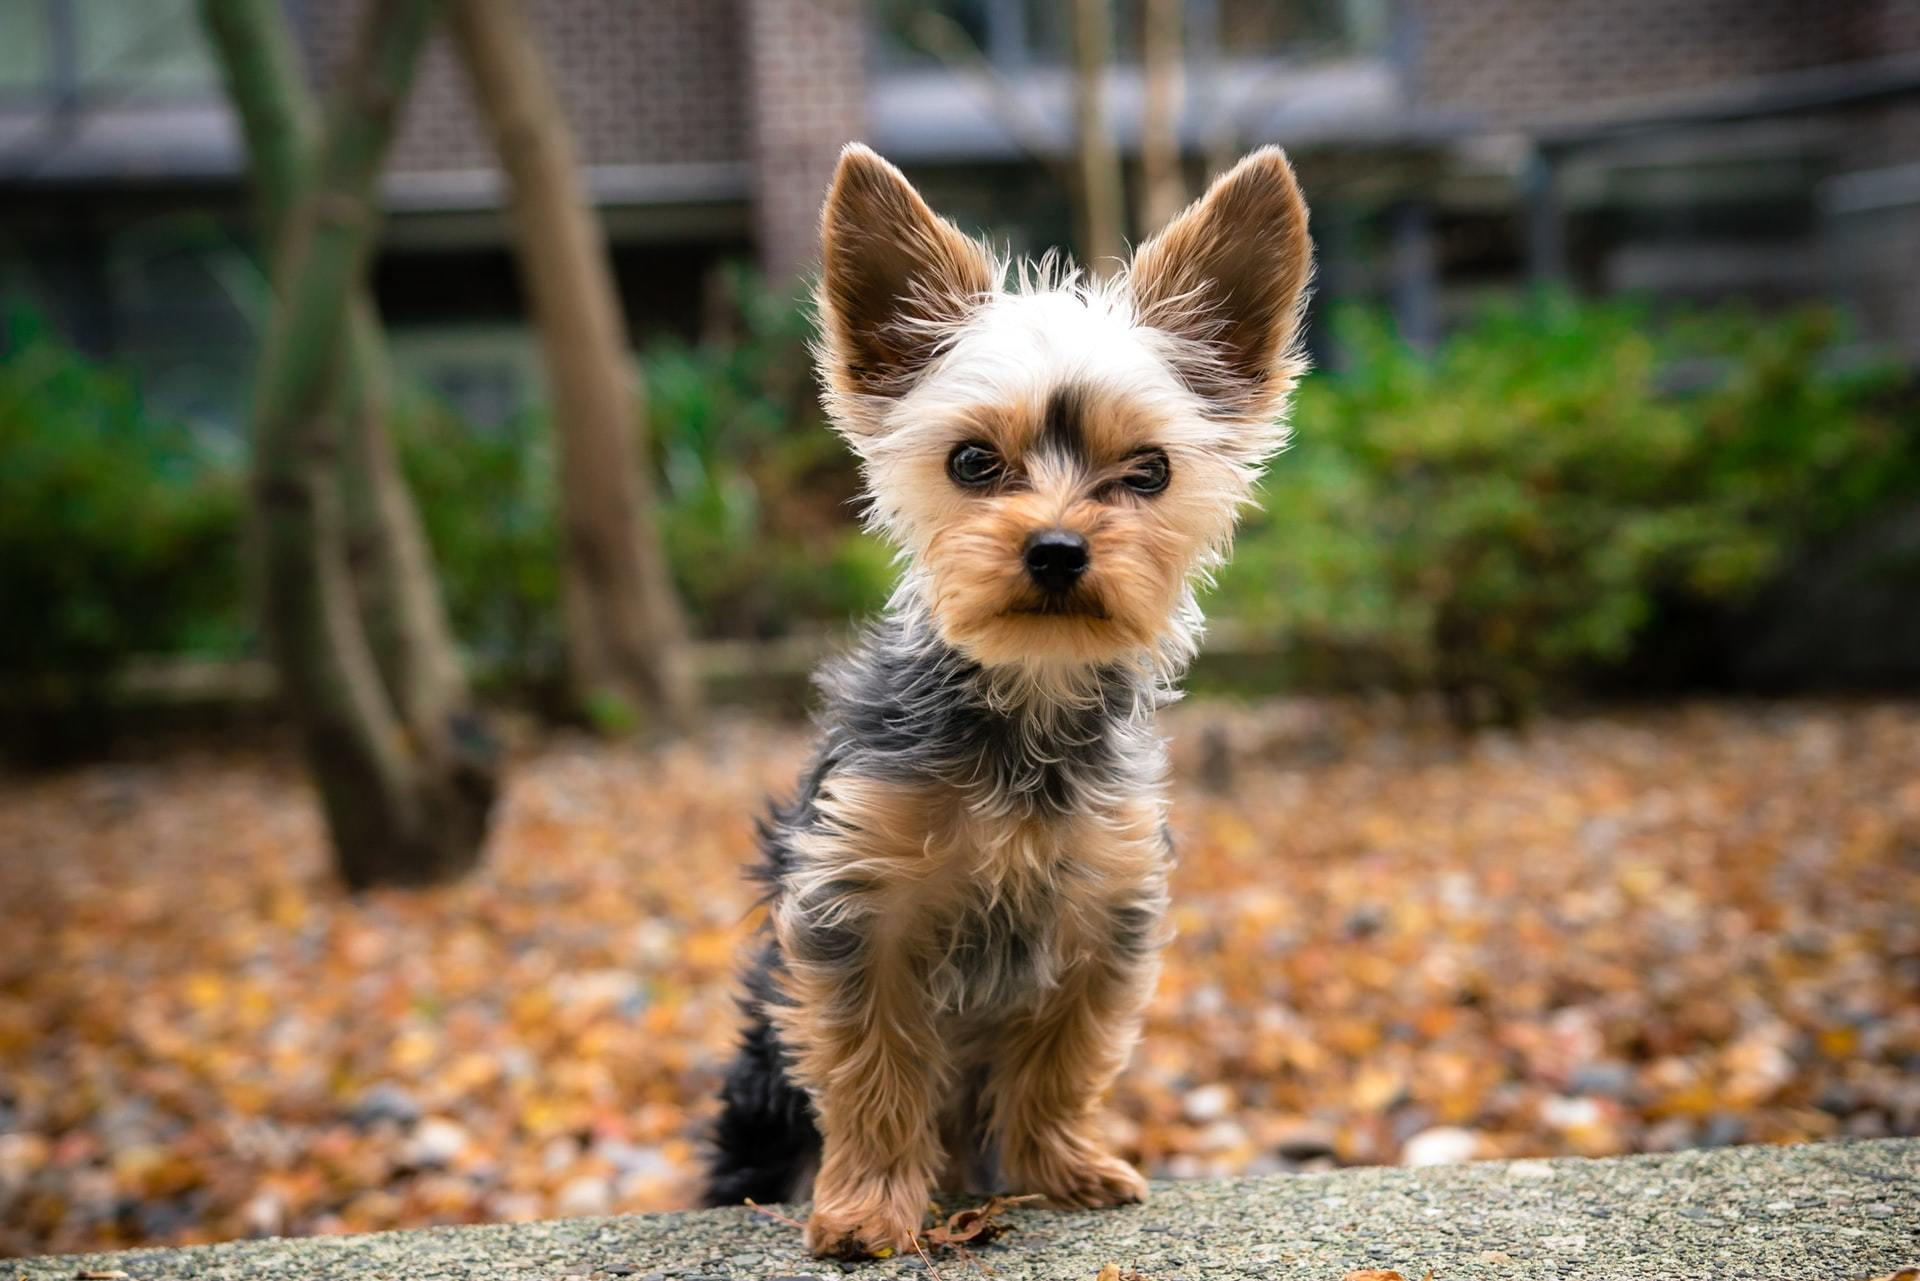 puppy low blood sugar